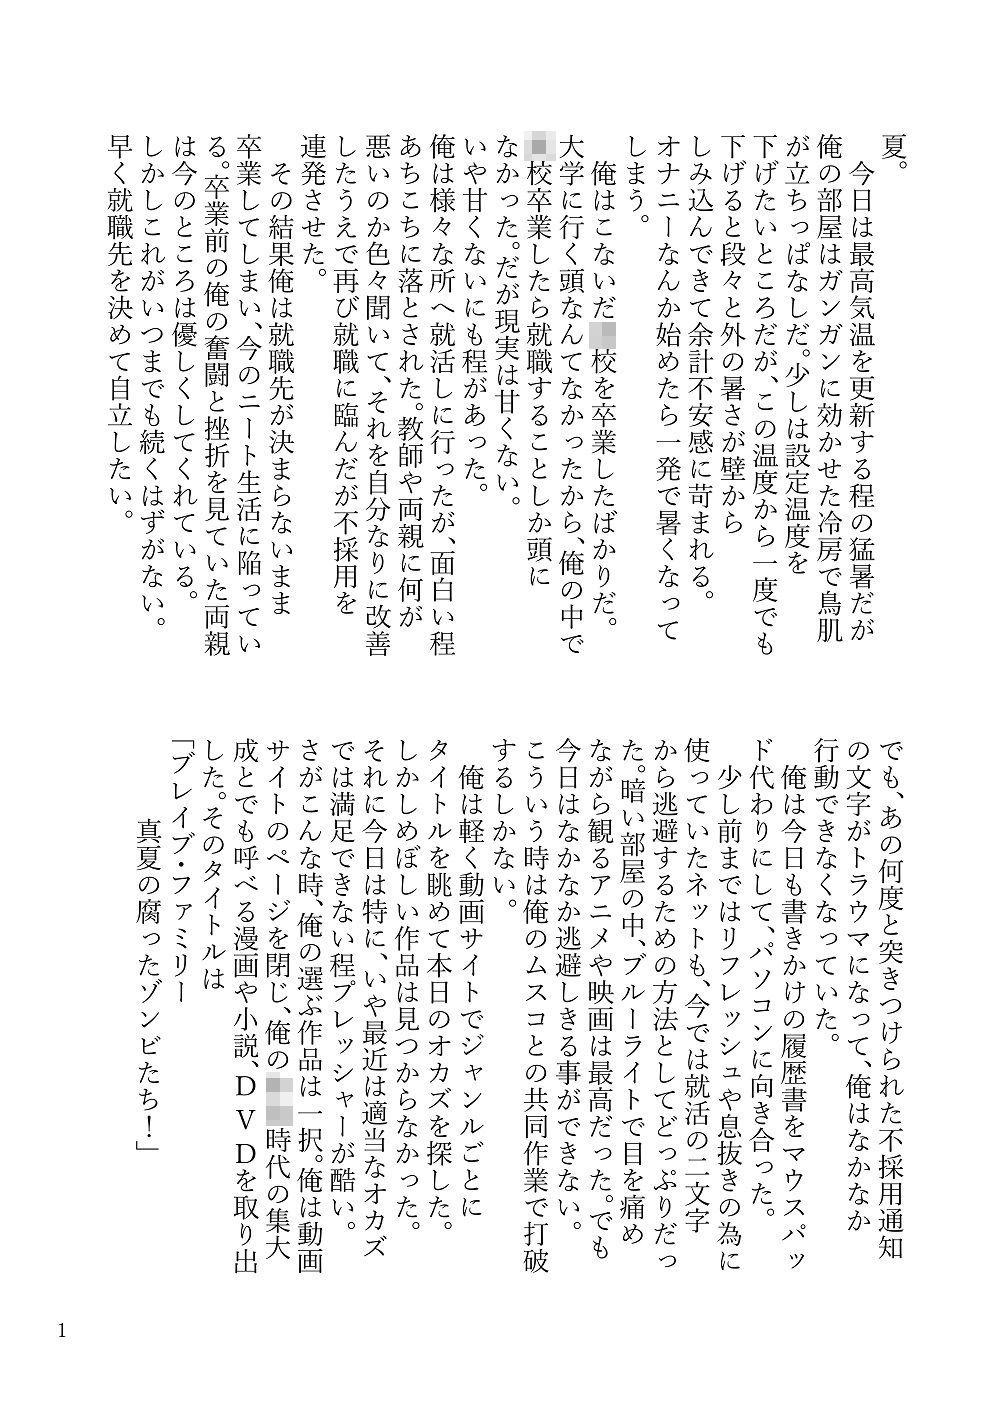 ホームステイ(シブハル) [d_171173] 2